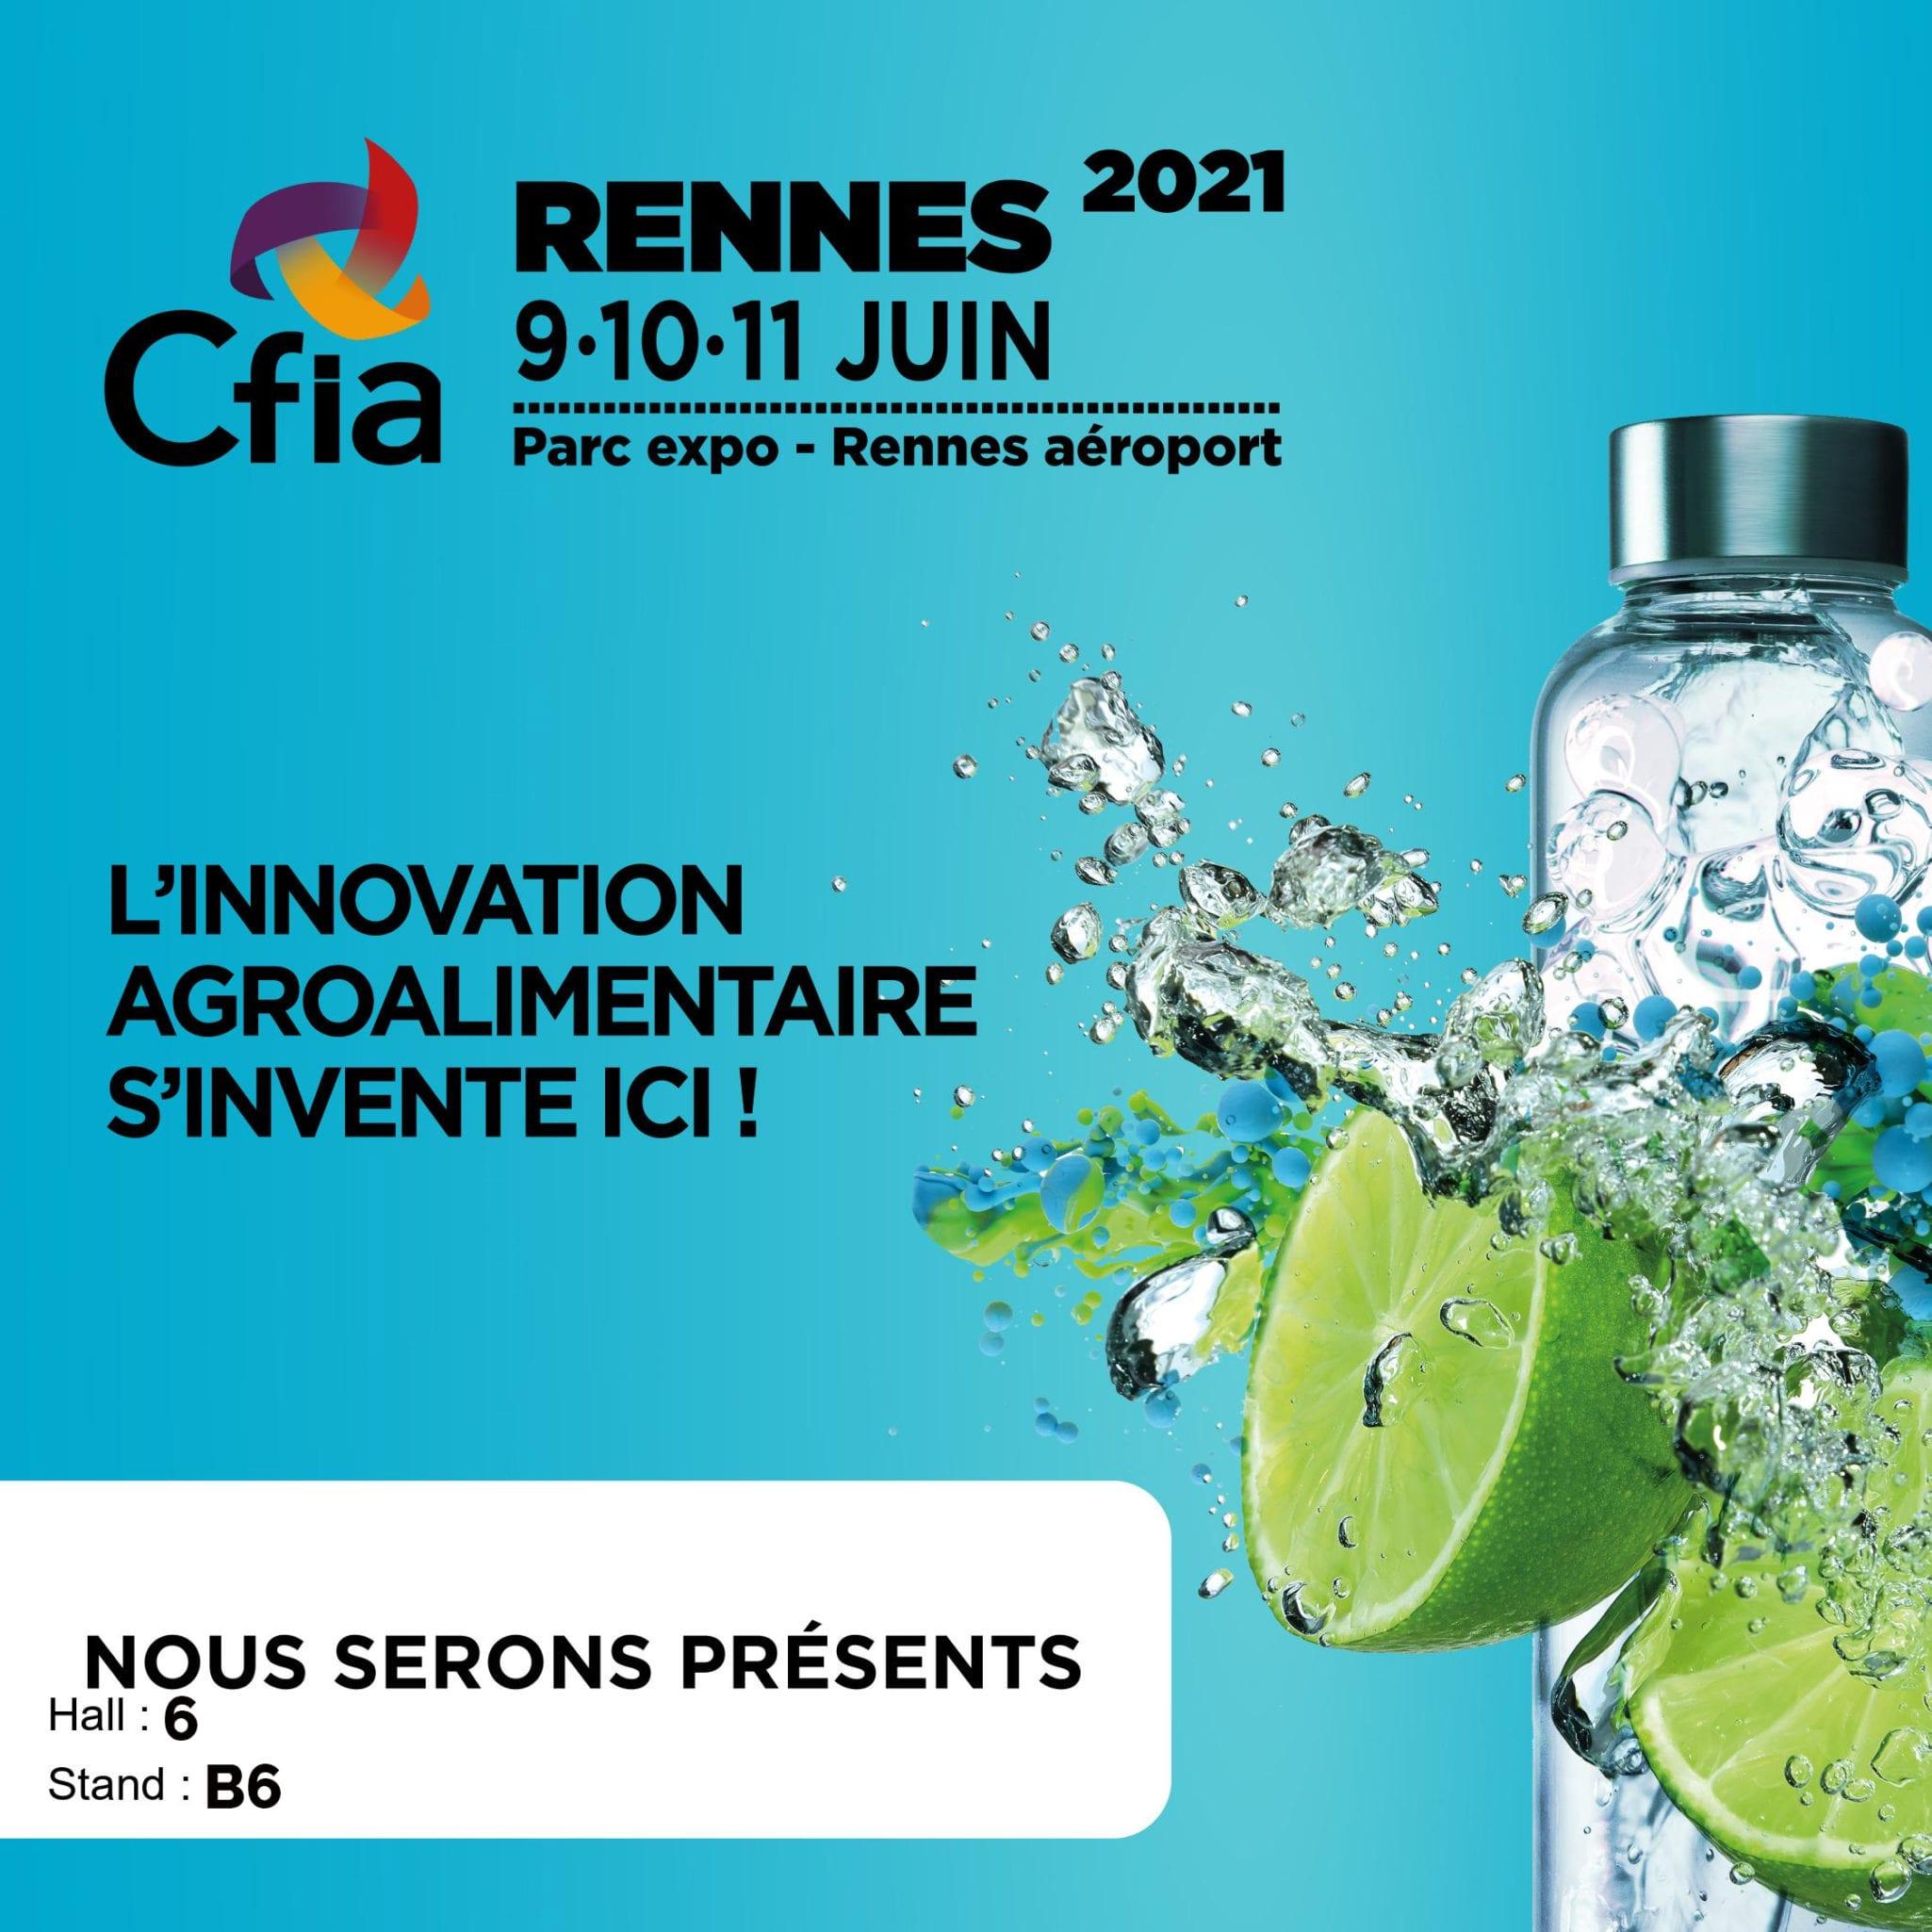 GSE participe au salon CFIA du 09 au 11 juin 2021